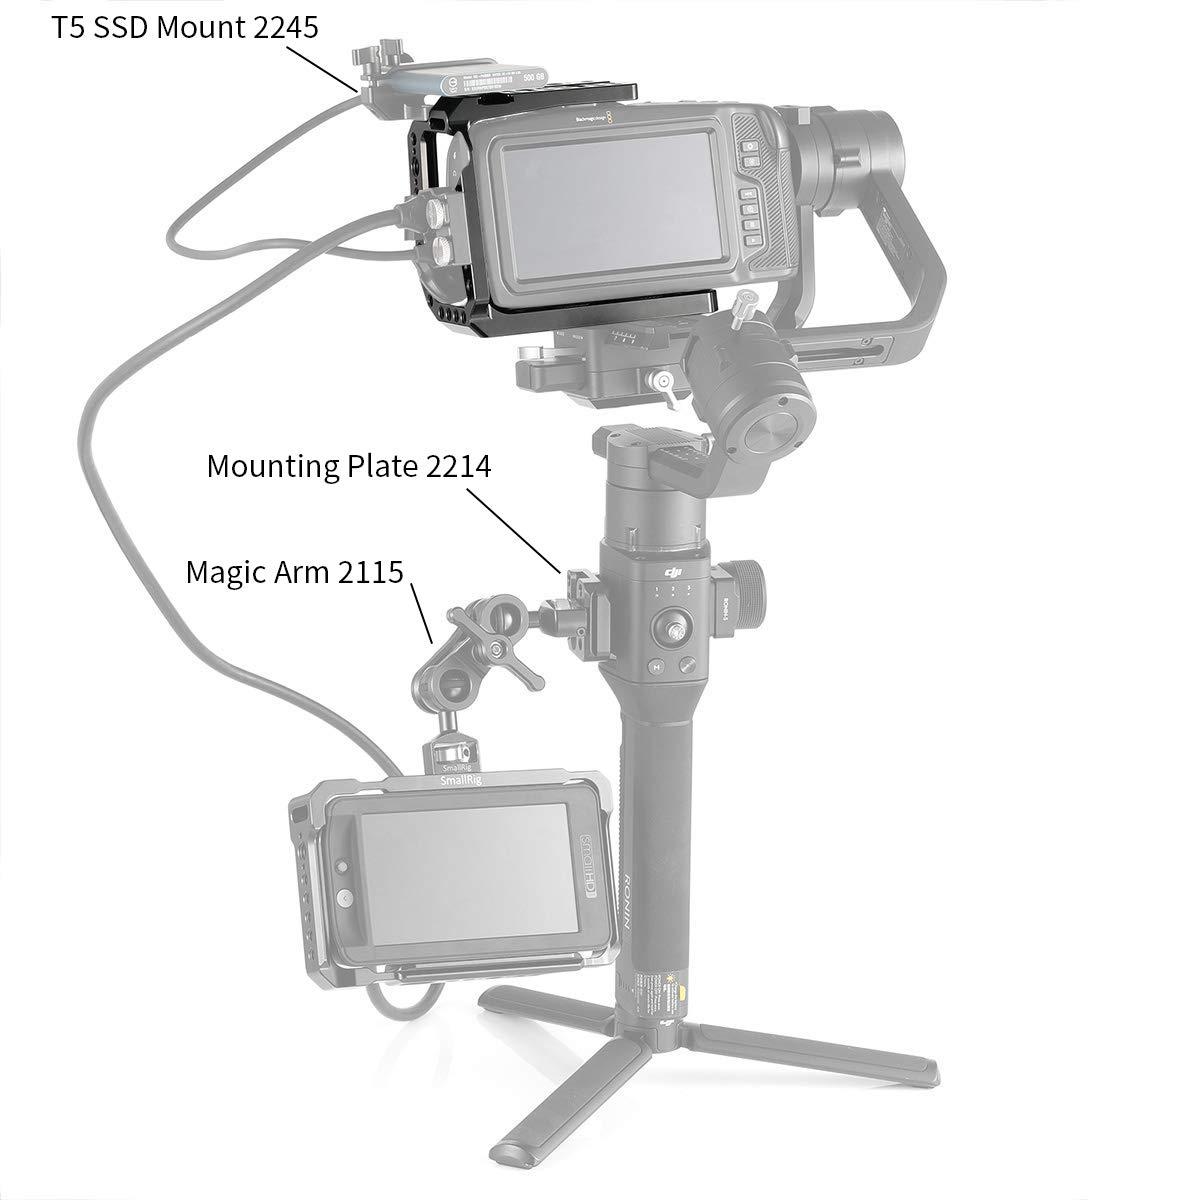 2254 Media Jaula con Mecanismo Anti-Giro y Rieles Incorporados de la OTAN SMALLRIG BMPCC 4K Media Cage Compatible con Blackmagic Pocket Cinema Camera 4K